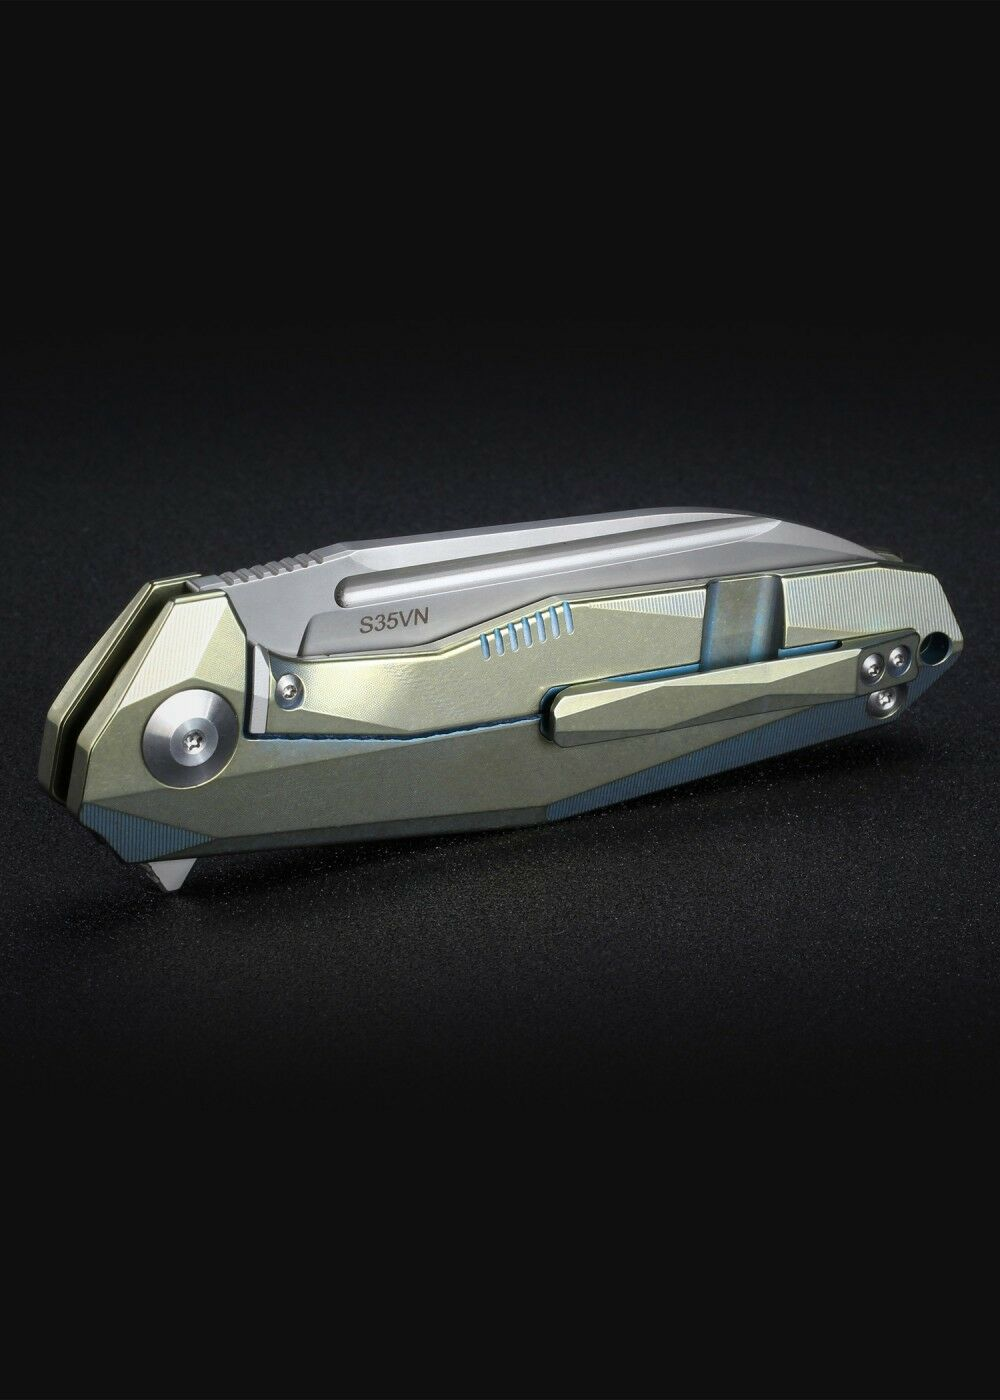 Rikeknife RK1504B-GB Taschenmesser Gold/Blau Klappmesser Klappmesser Gold/Blau Messer 22,3cm 91afbd